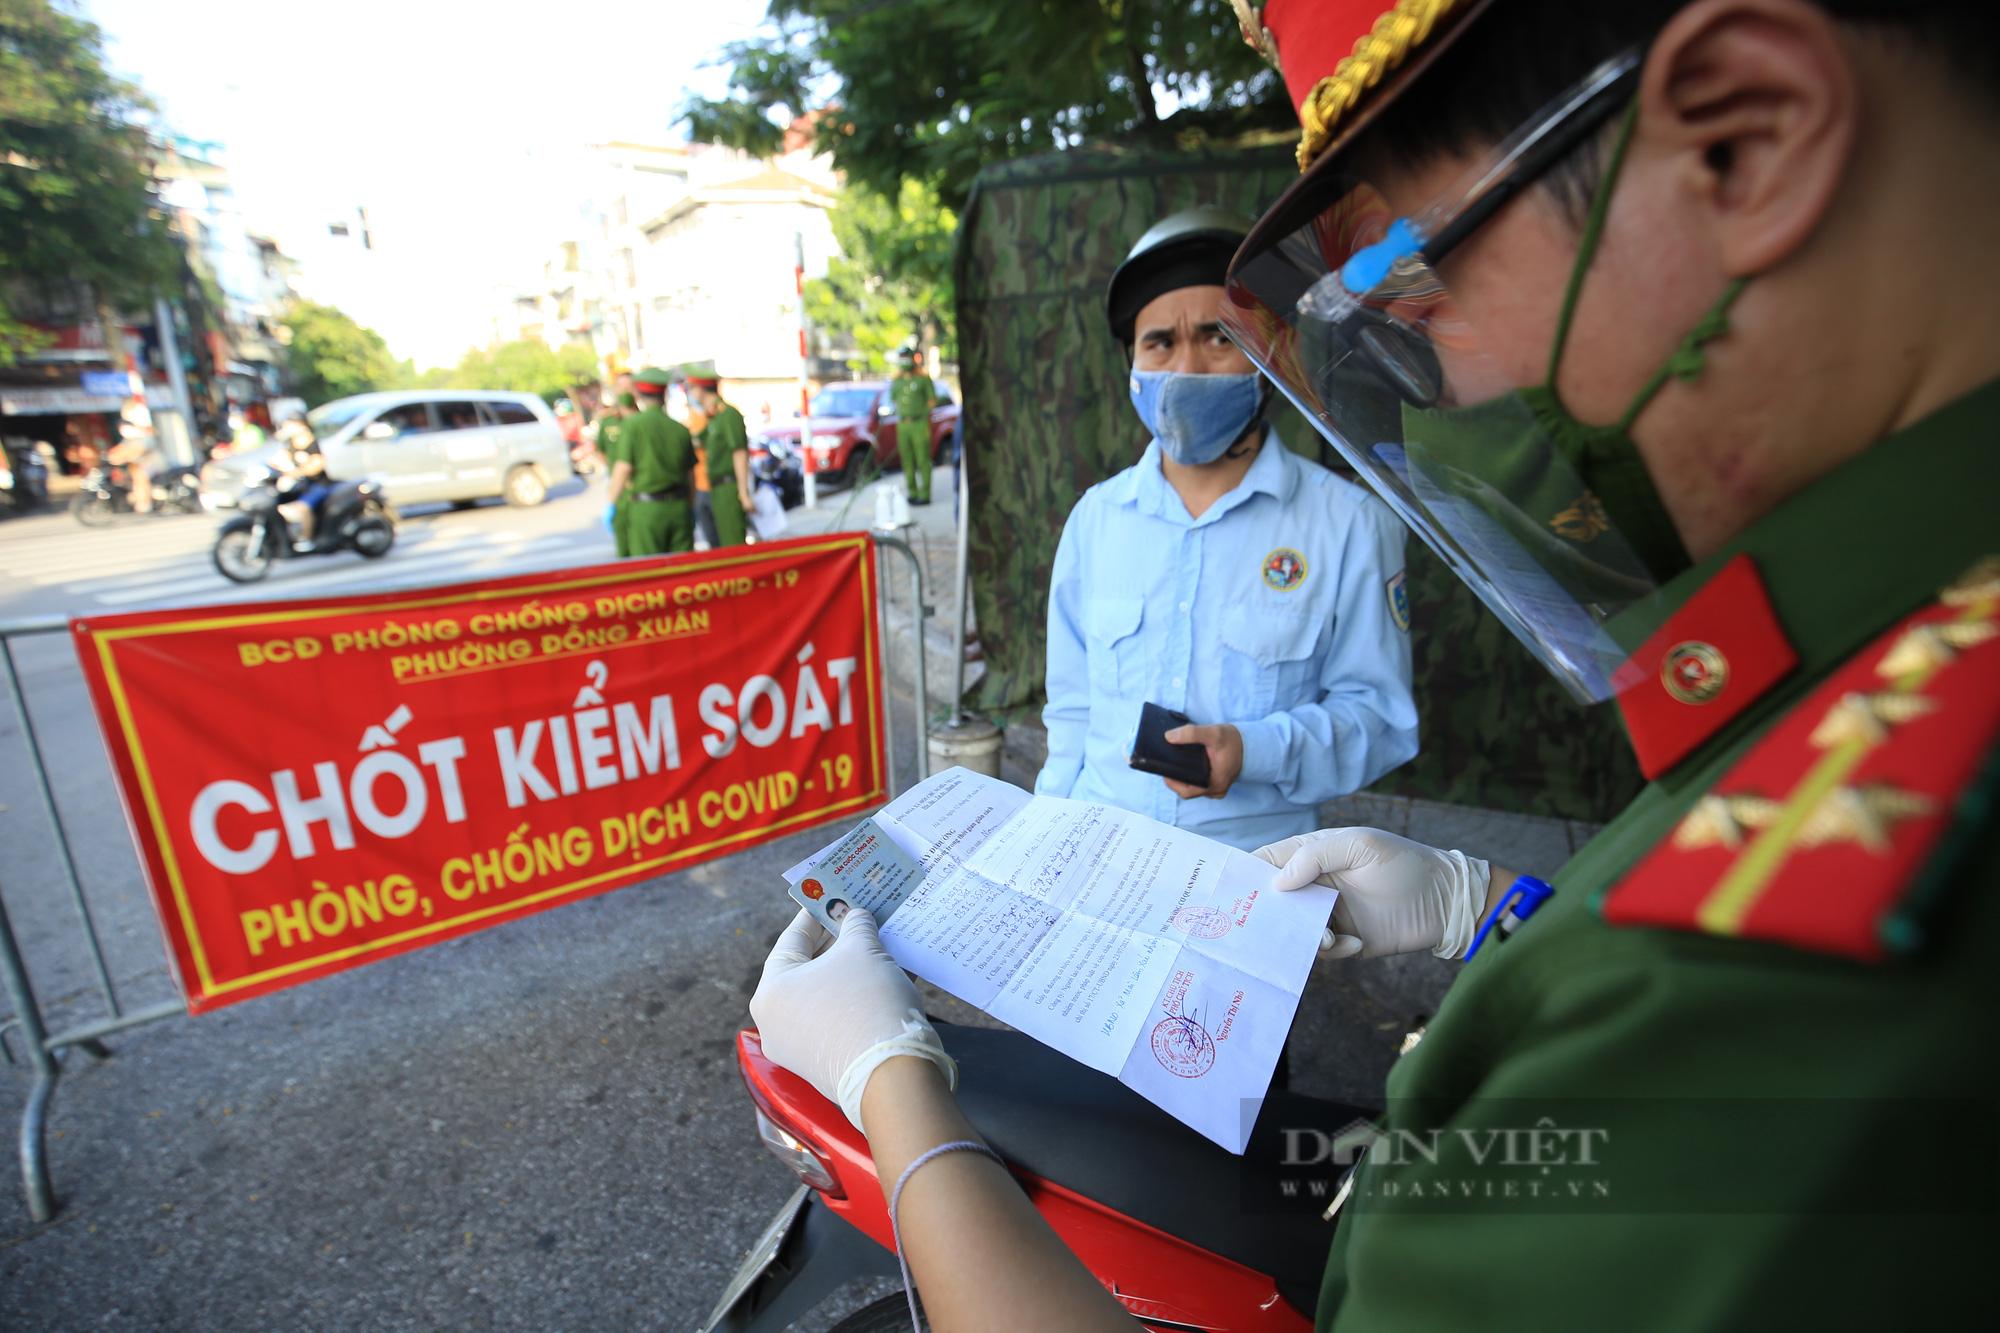 Hà Nội thông báo quy trình cấp giấy đi đường: Nhiều đơn vị được tự cấp và chịu trách nhiệm - Ảnh 1.